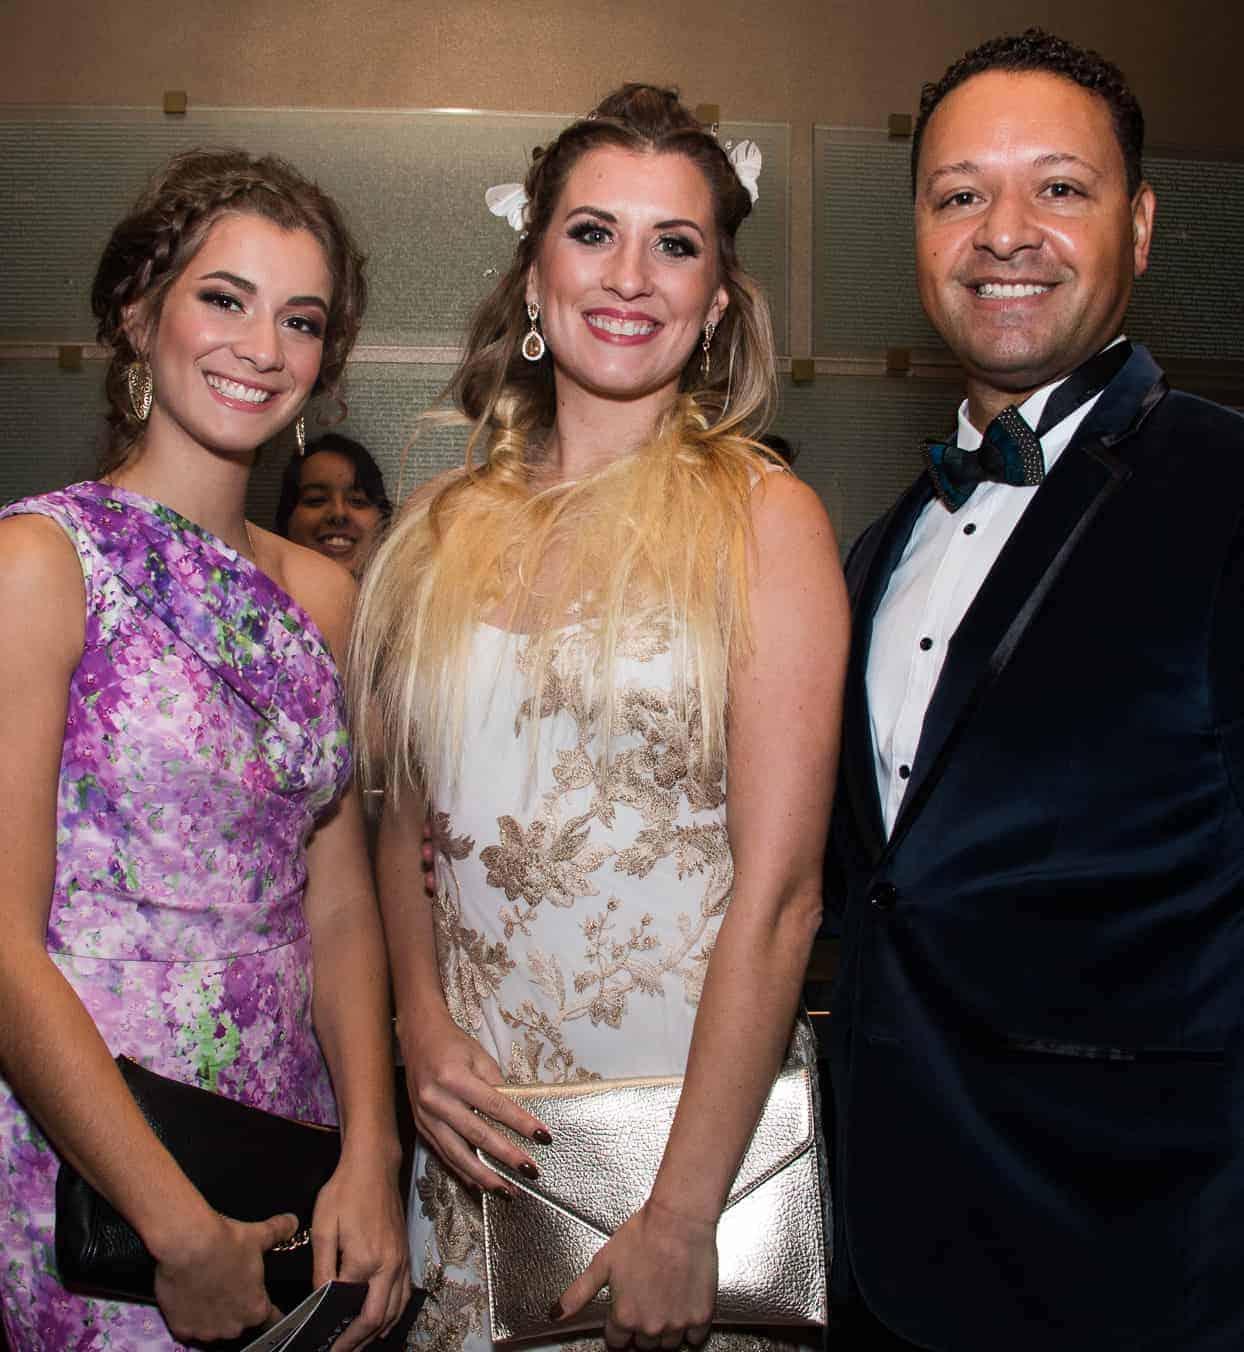 Jenna Simons, Ari Hartung and Michael Simons